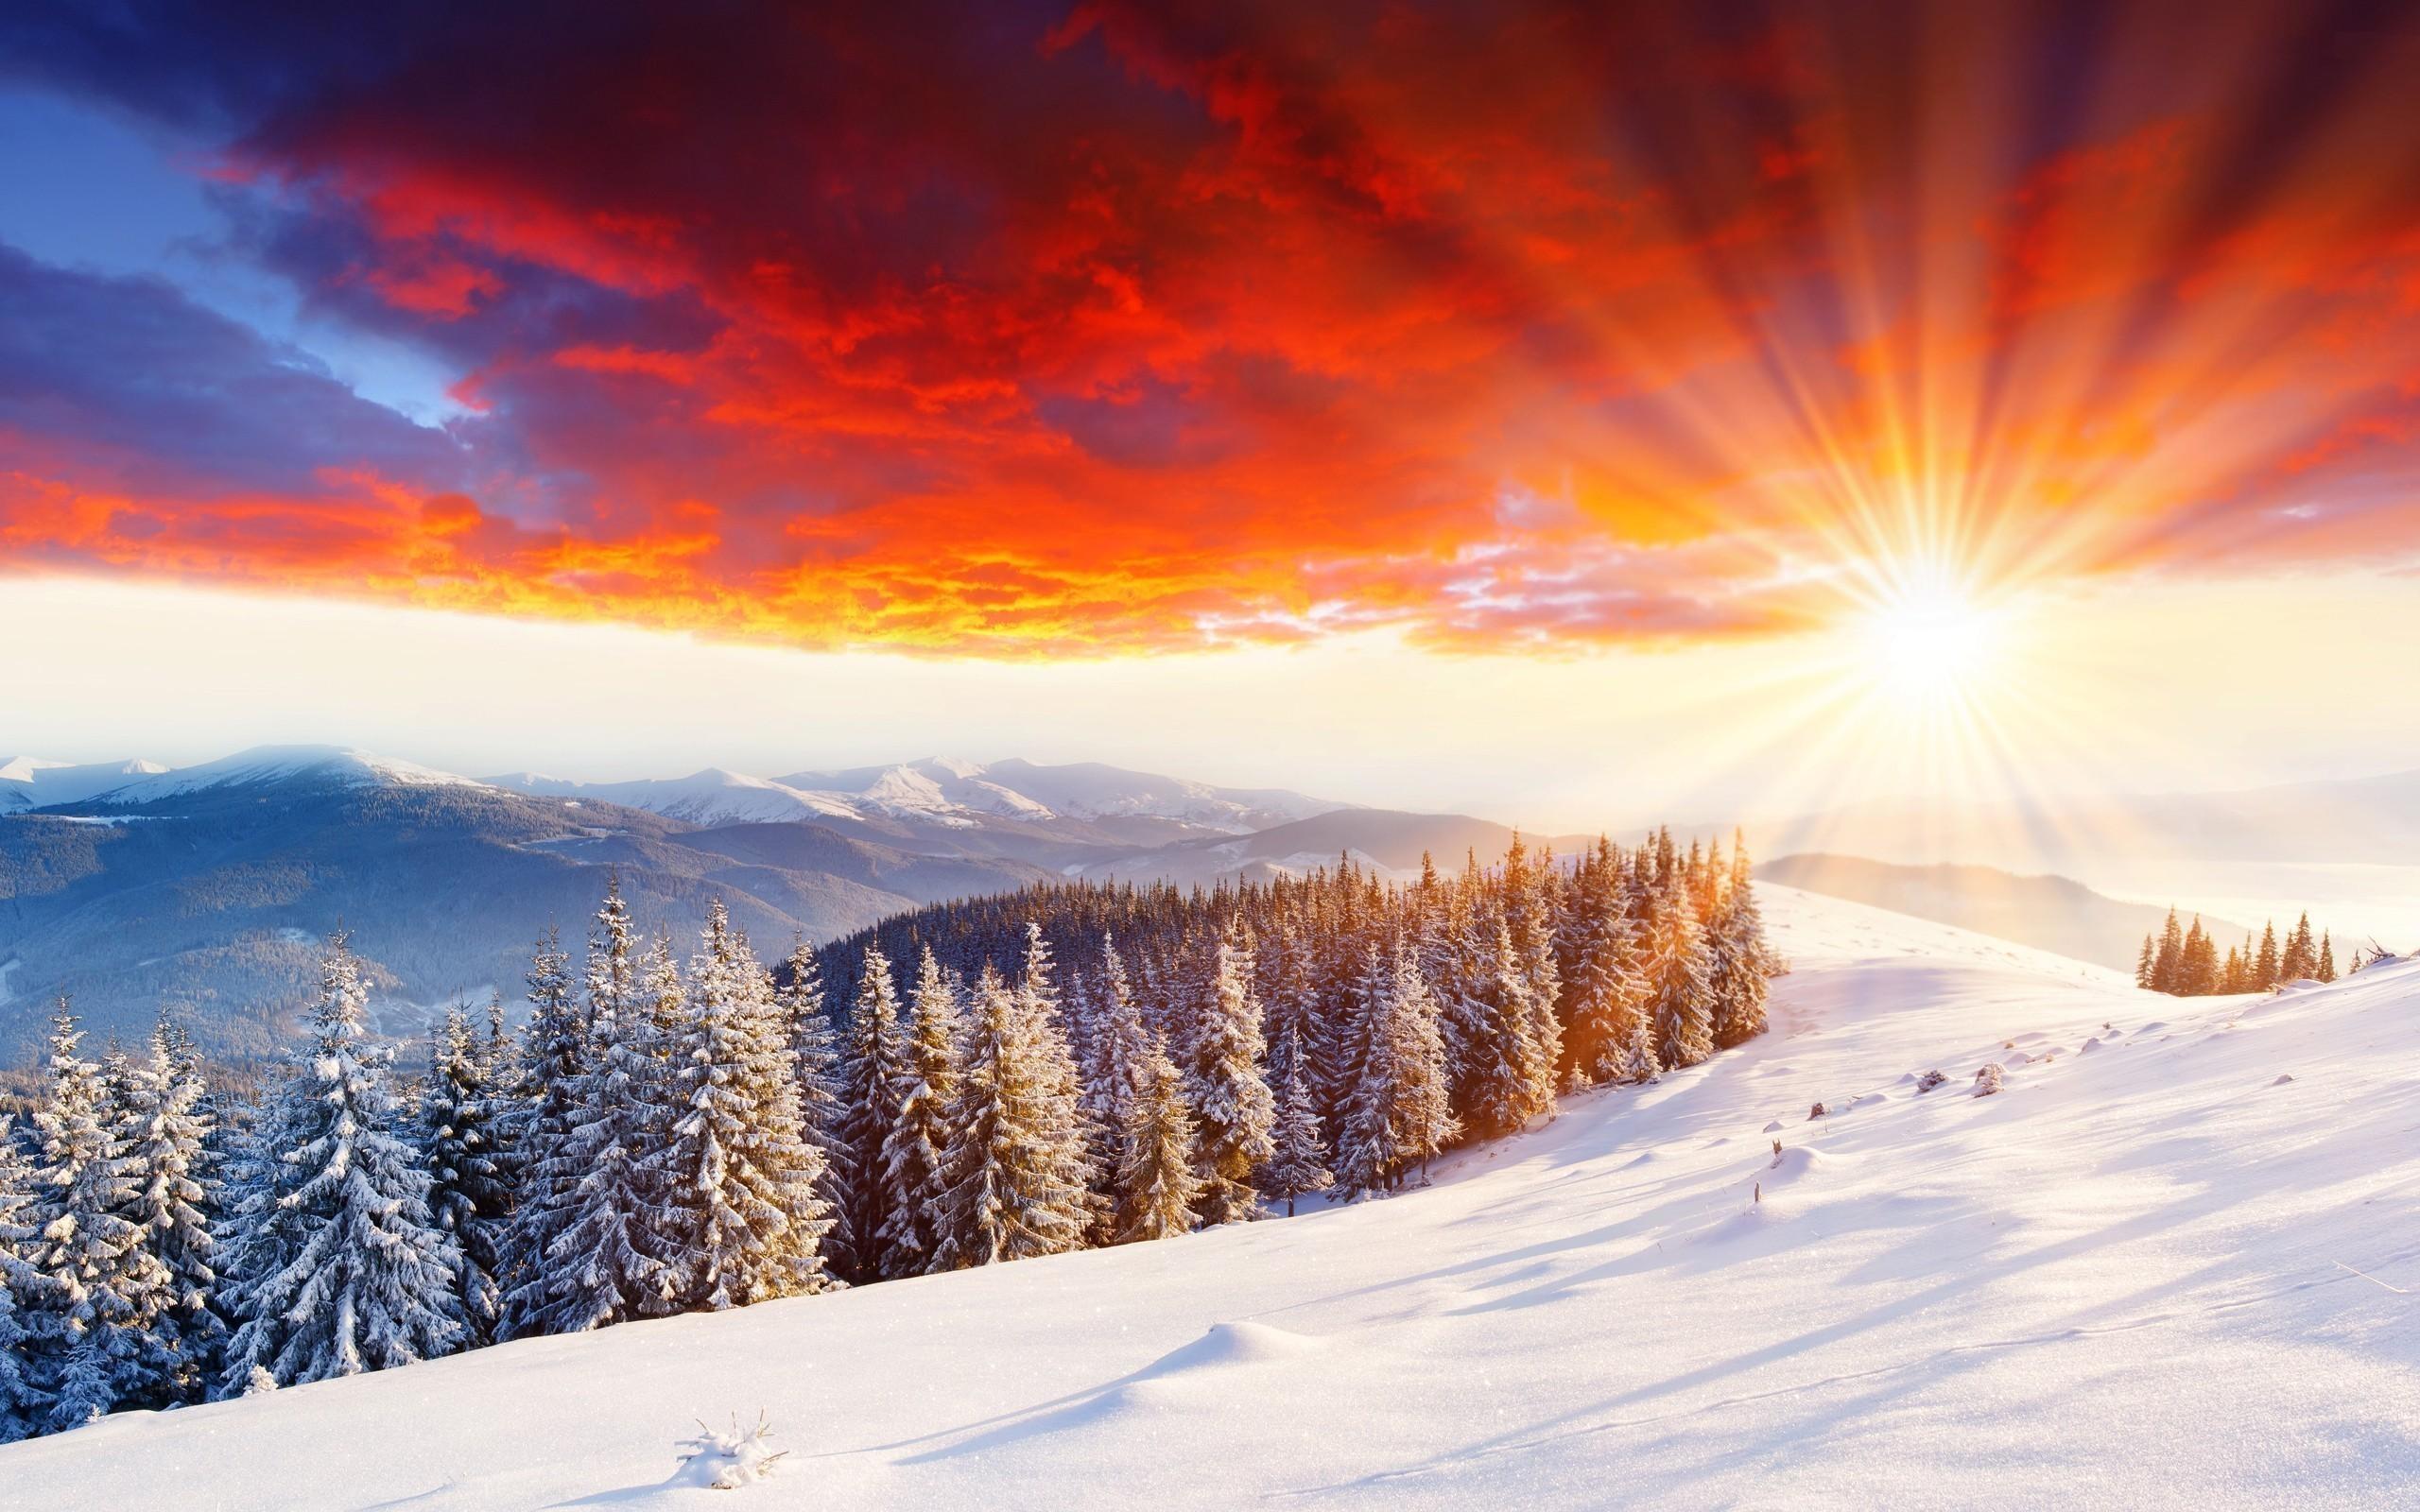 Wonderful Sunset On Snow Mountain Hi